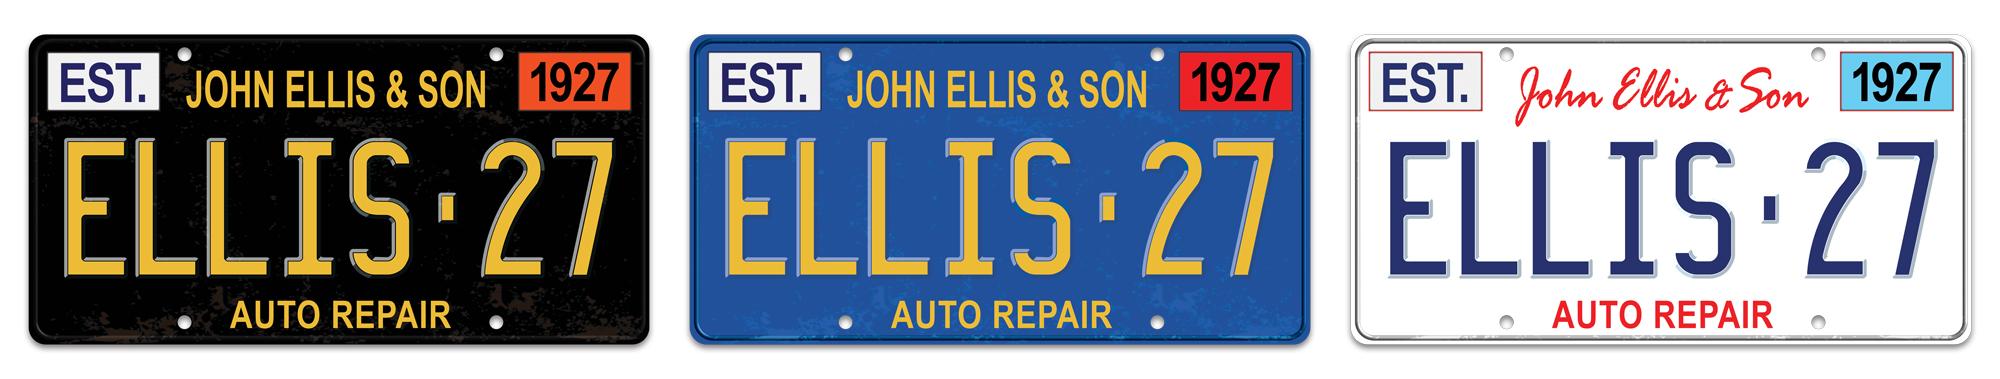 Ellis-27-Plates.jpg